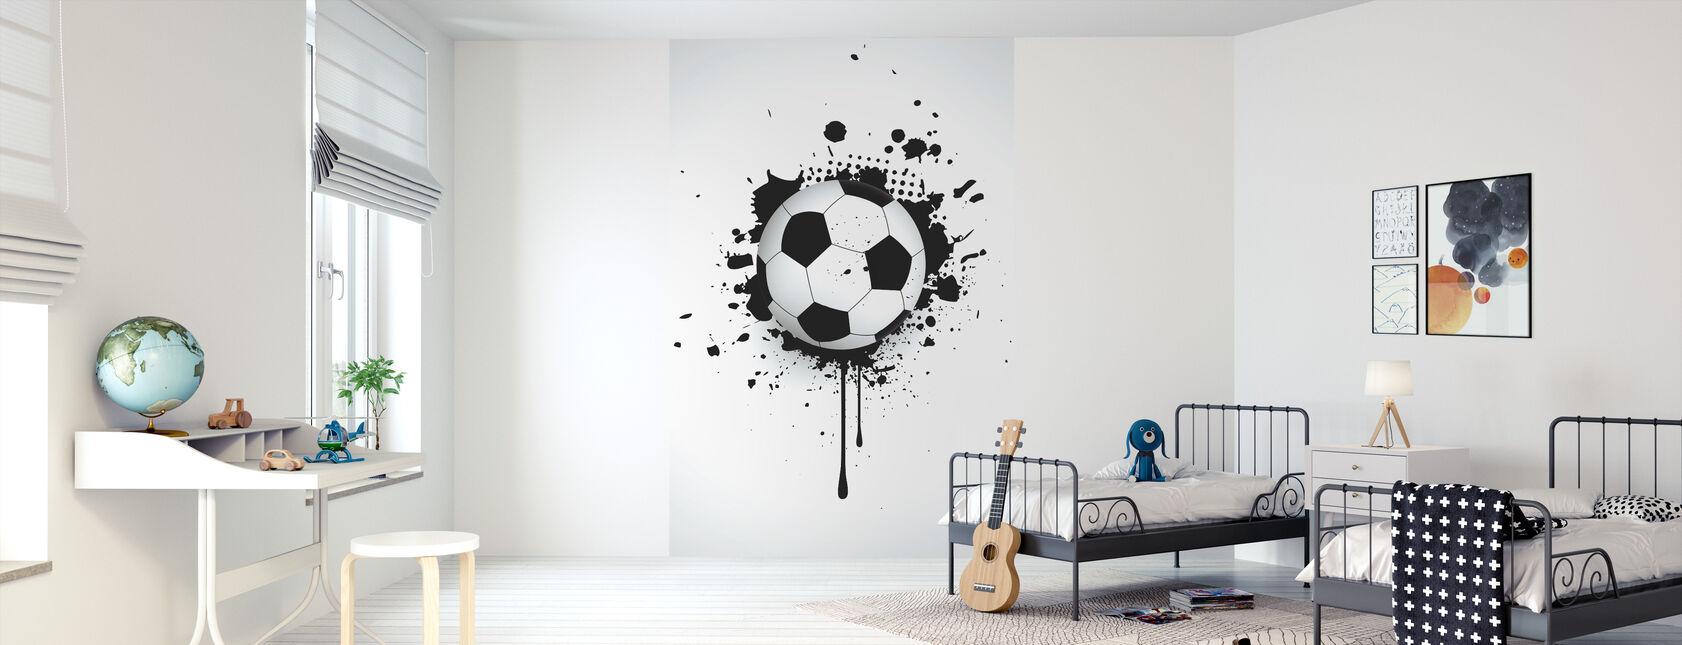 Ball Through Wall - Wallpaper - Kids Room